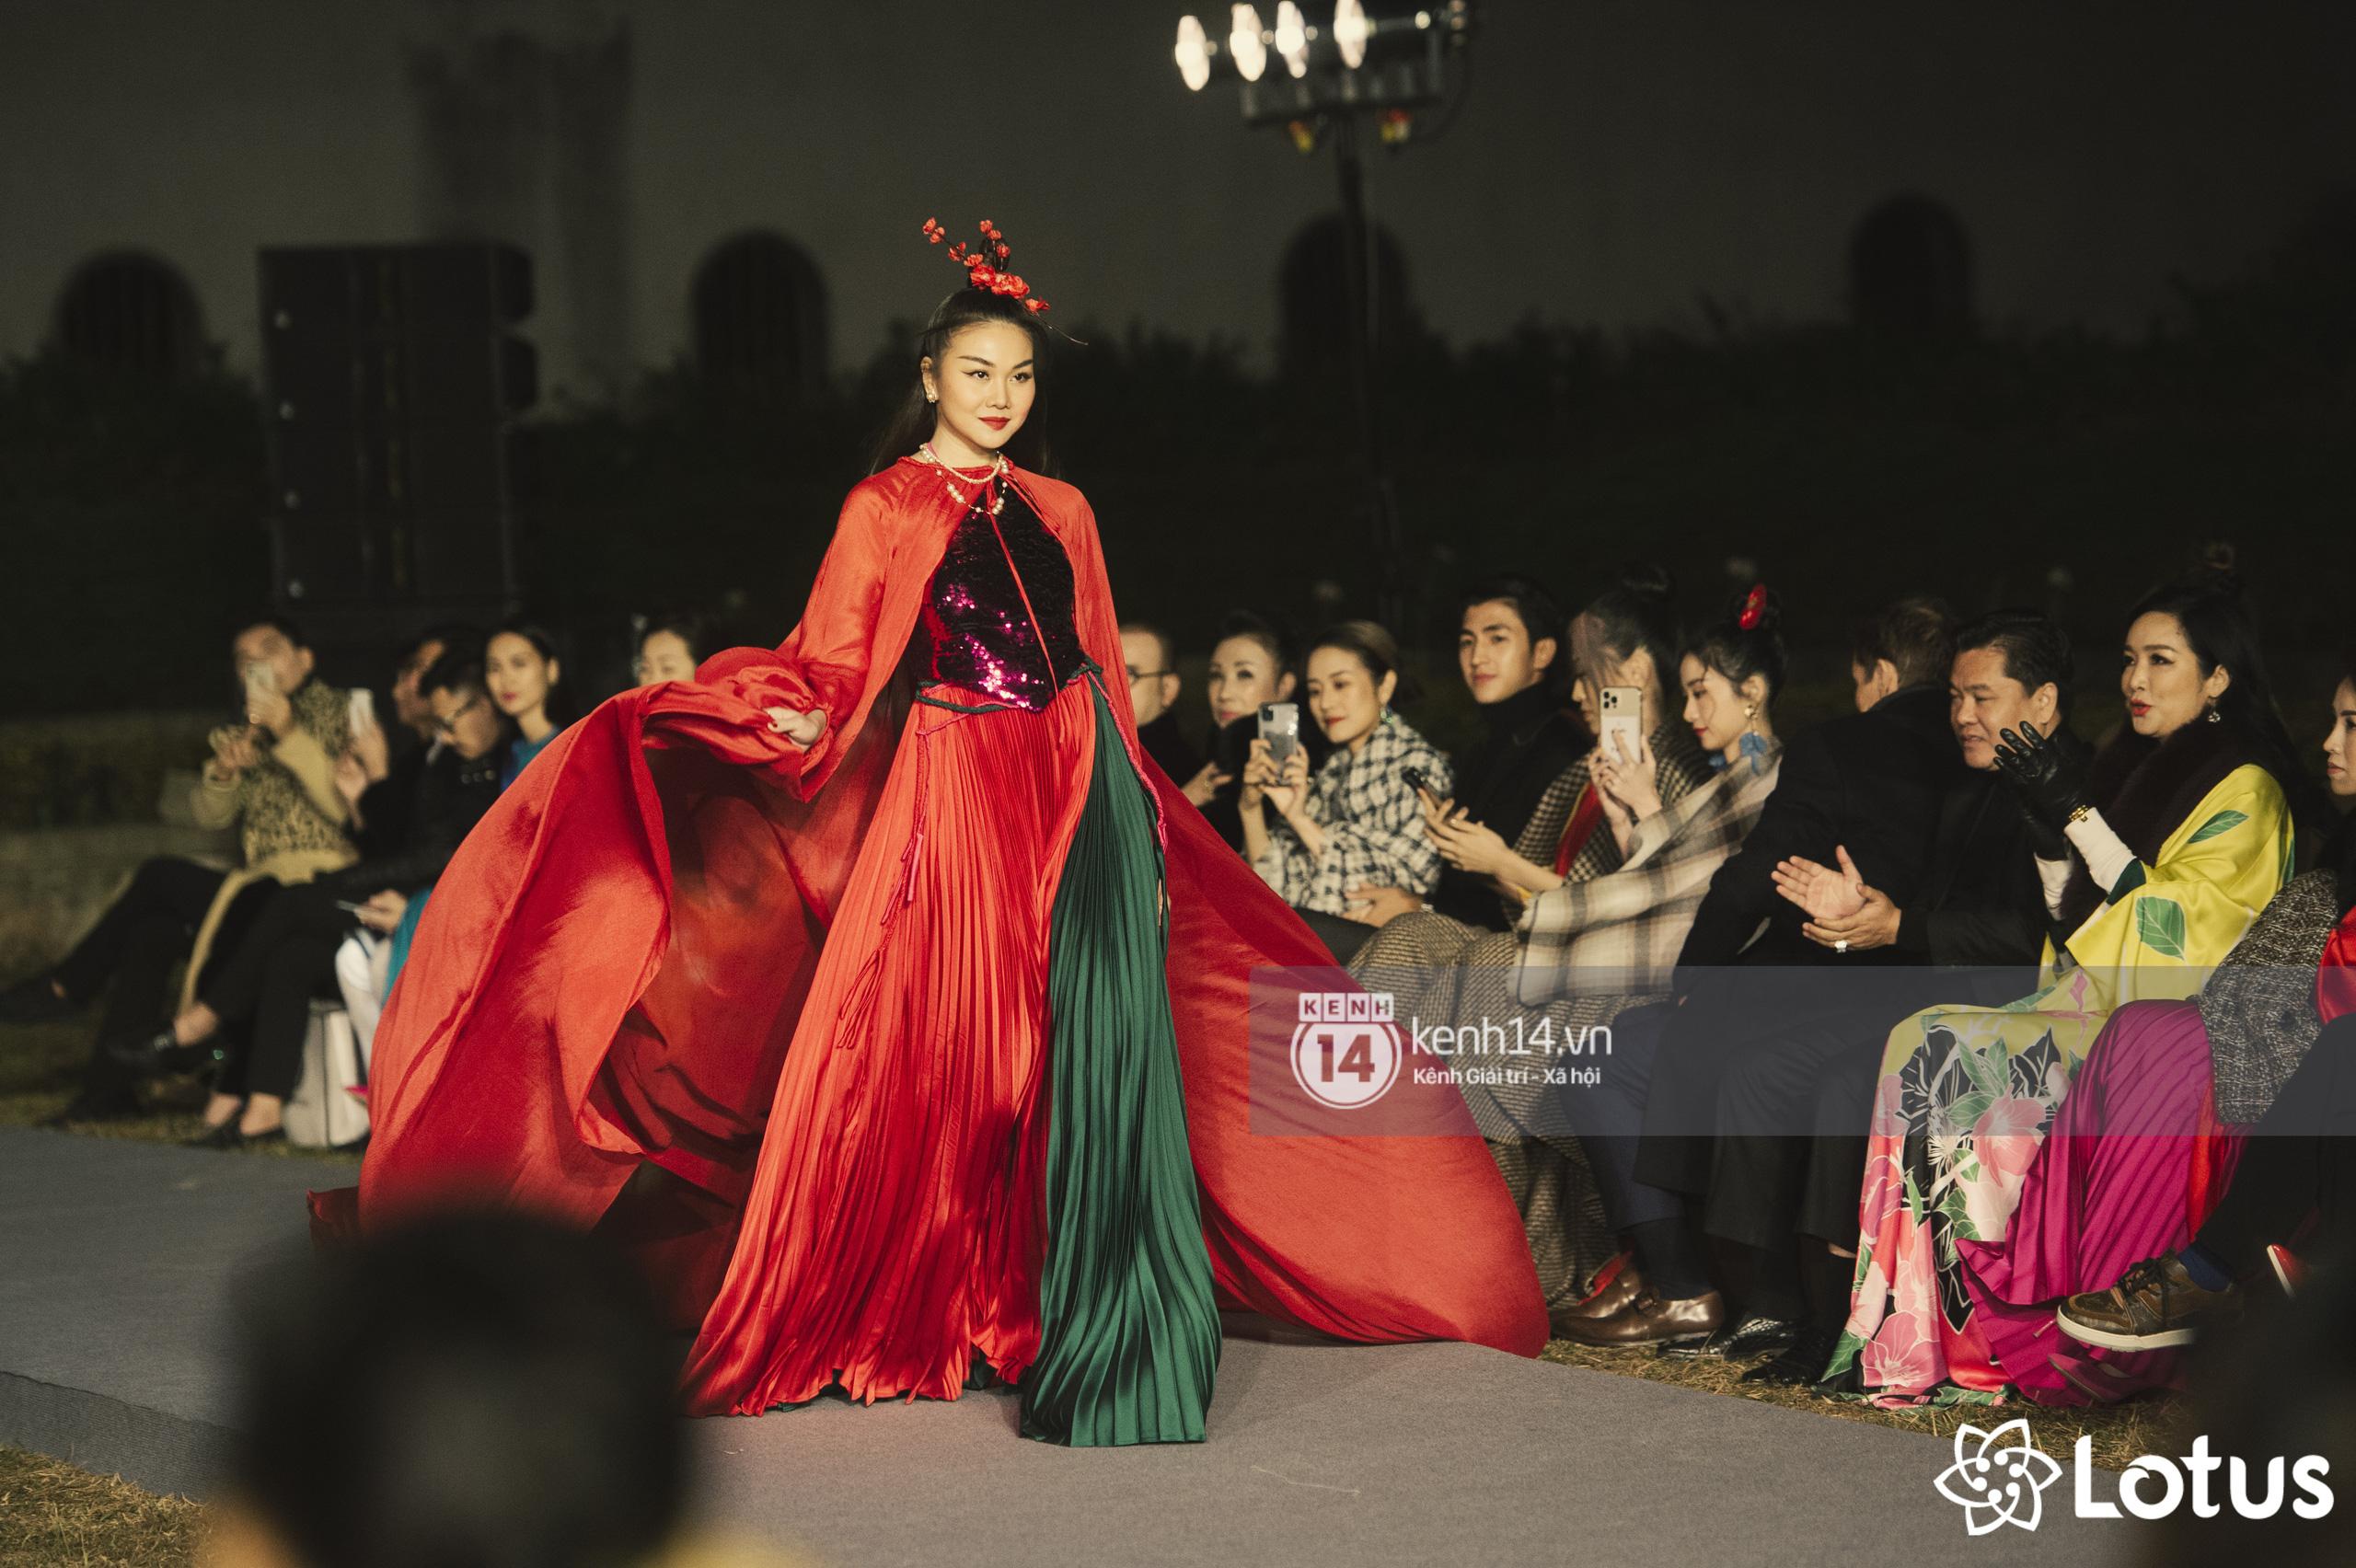 Lương Thuỳ Linh - Đỗ Hà nổi bần bật trong vị trí first face, Thanh Hằng bùng nổ với khí chất nữ thần tại show Đào của NTK Adrian Anh Tuấn - Ảnh 5.